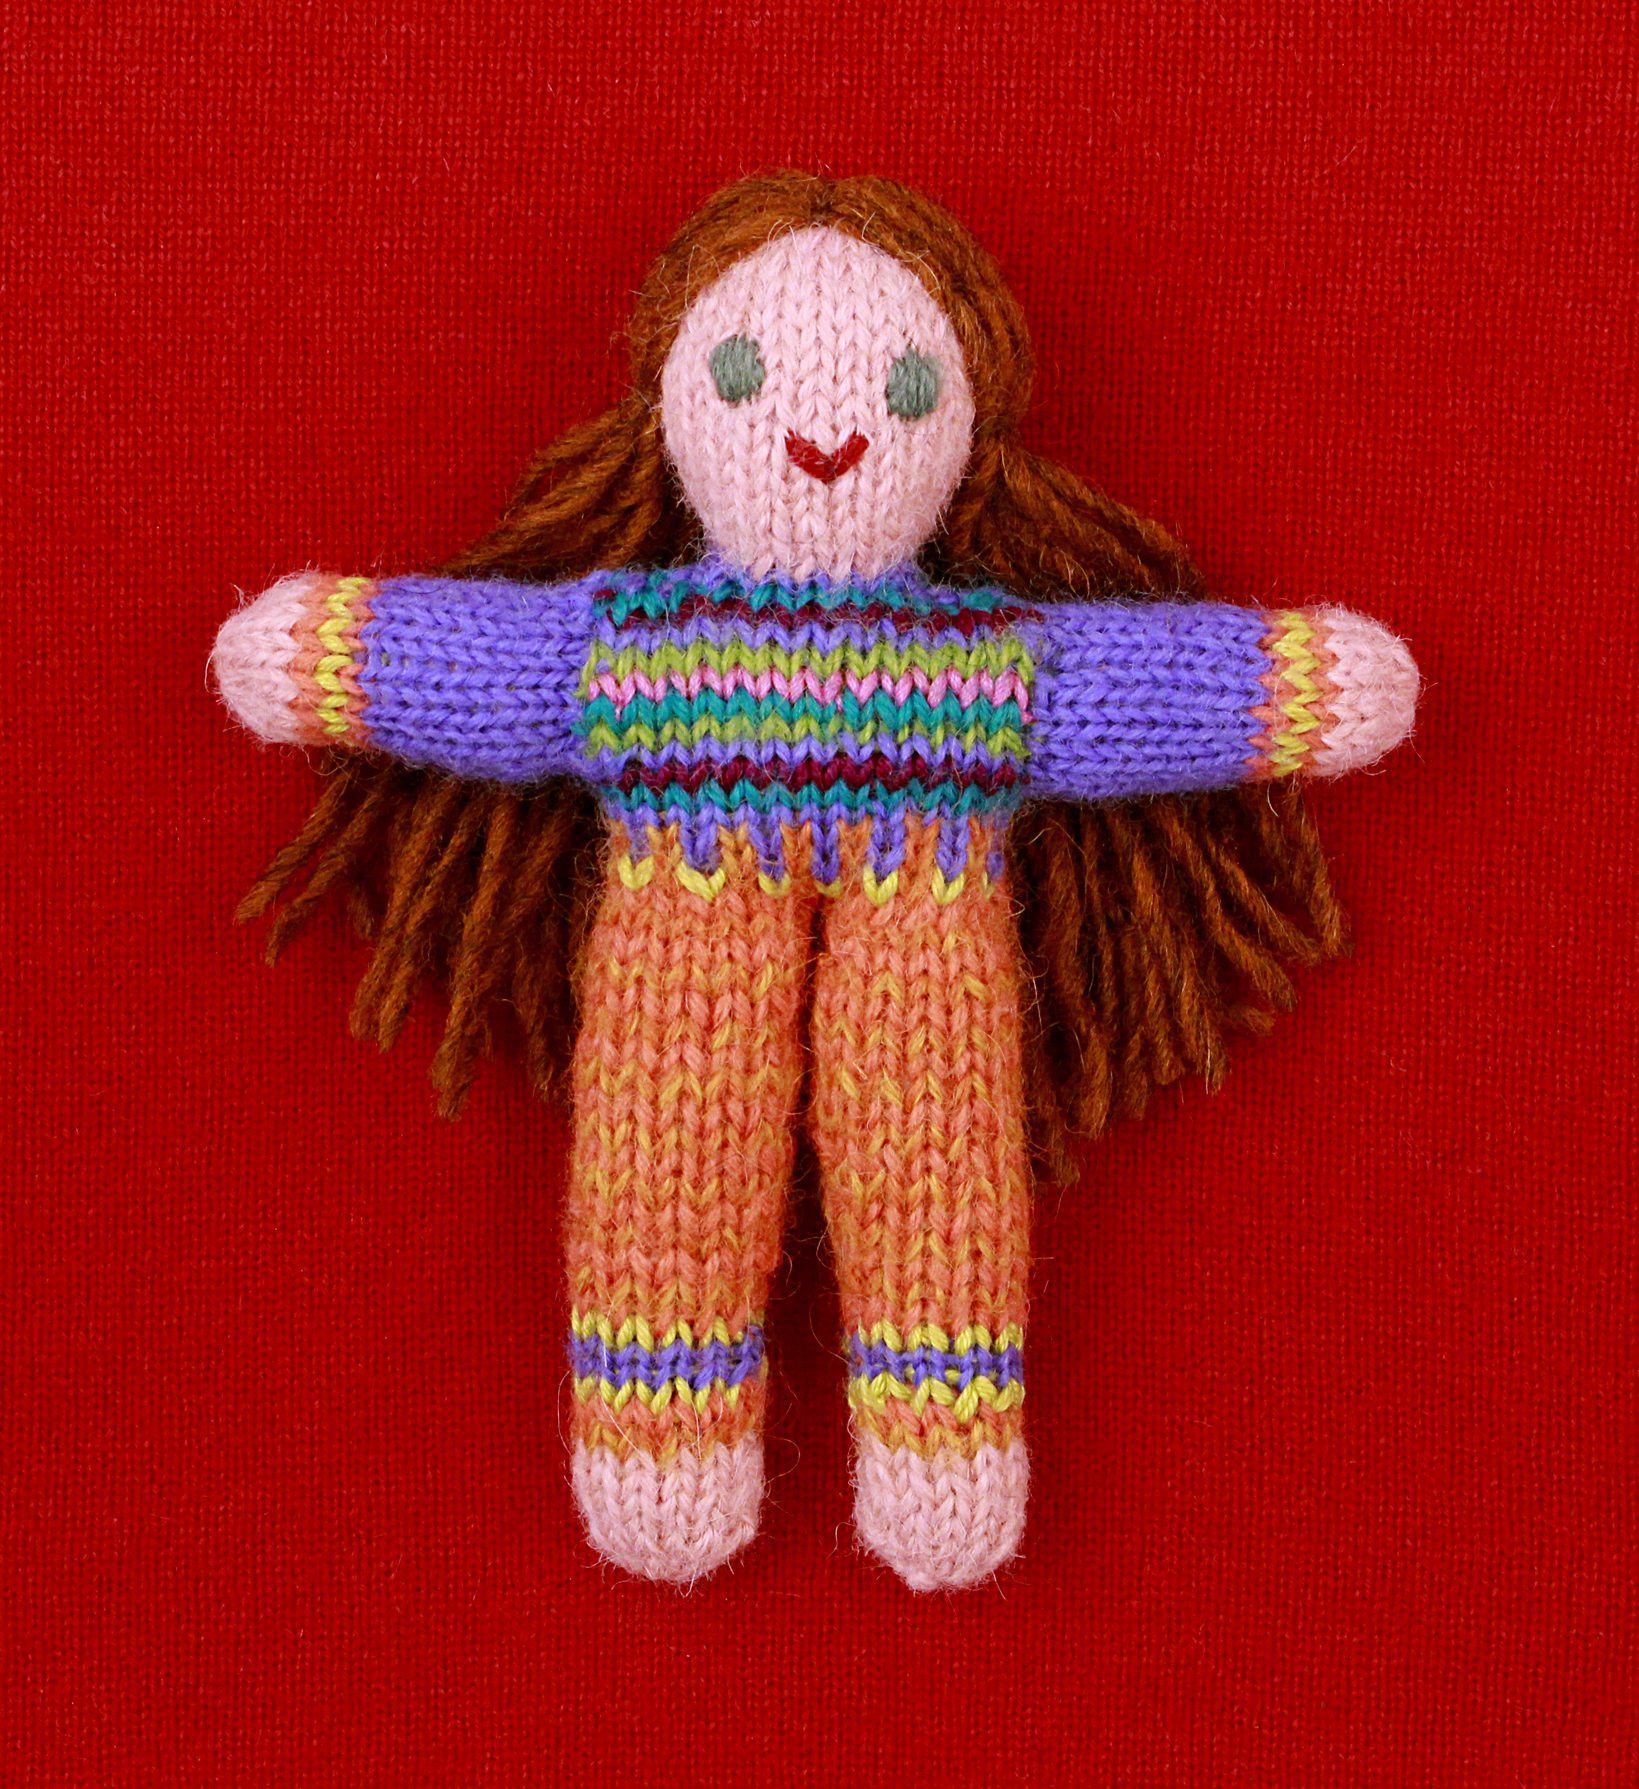 Wee Woolie doll #D0232.